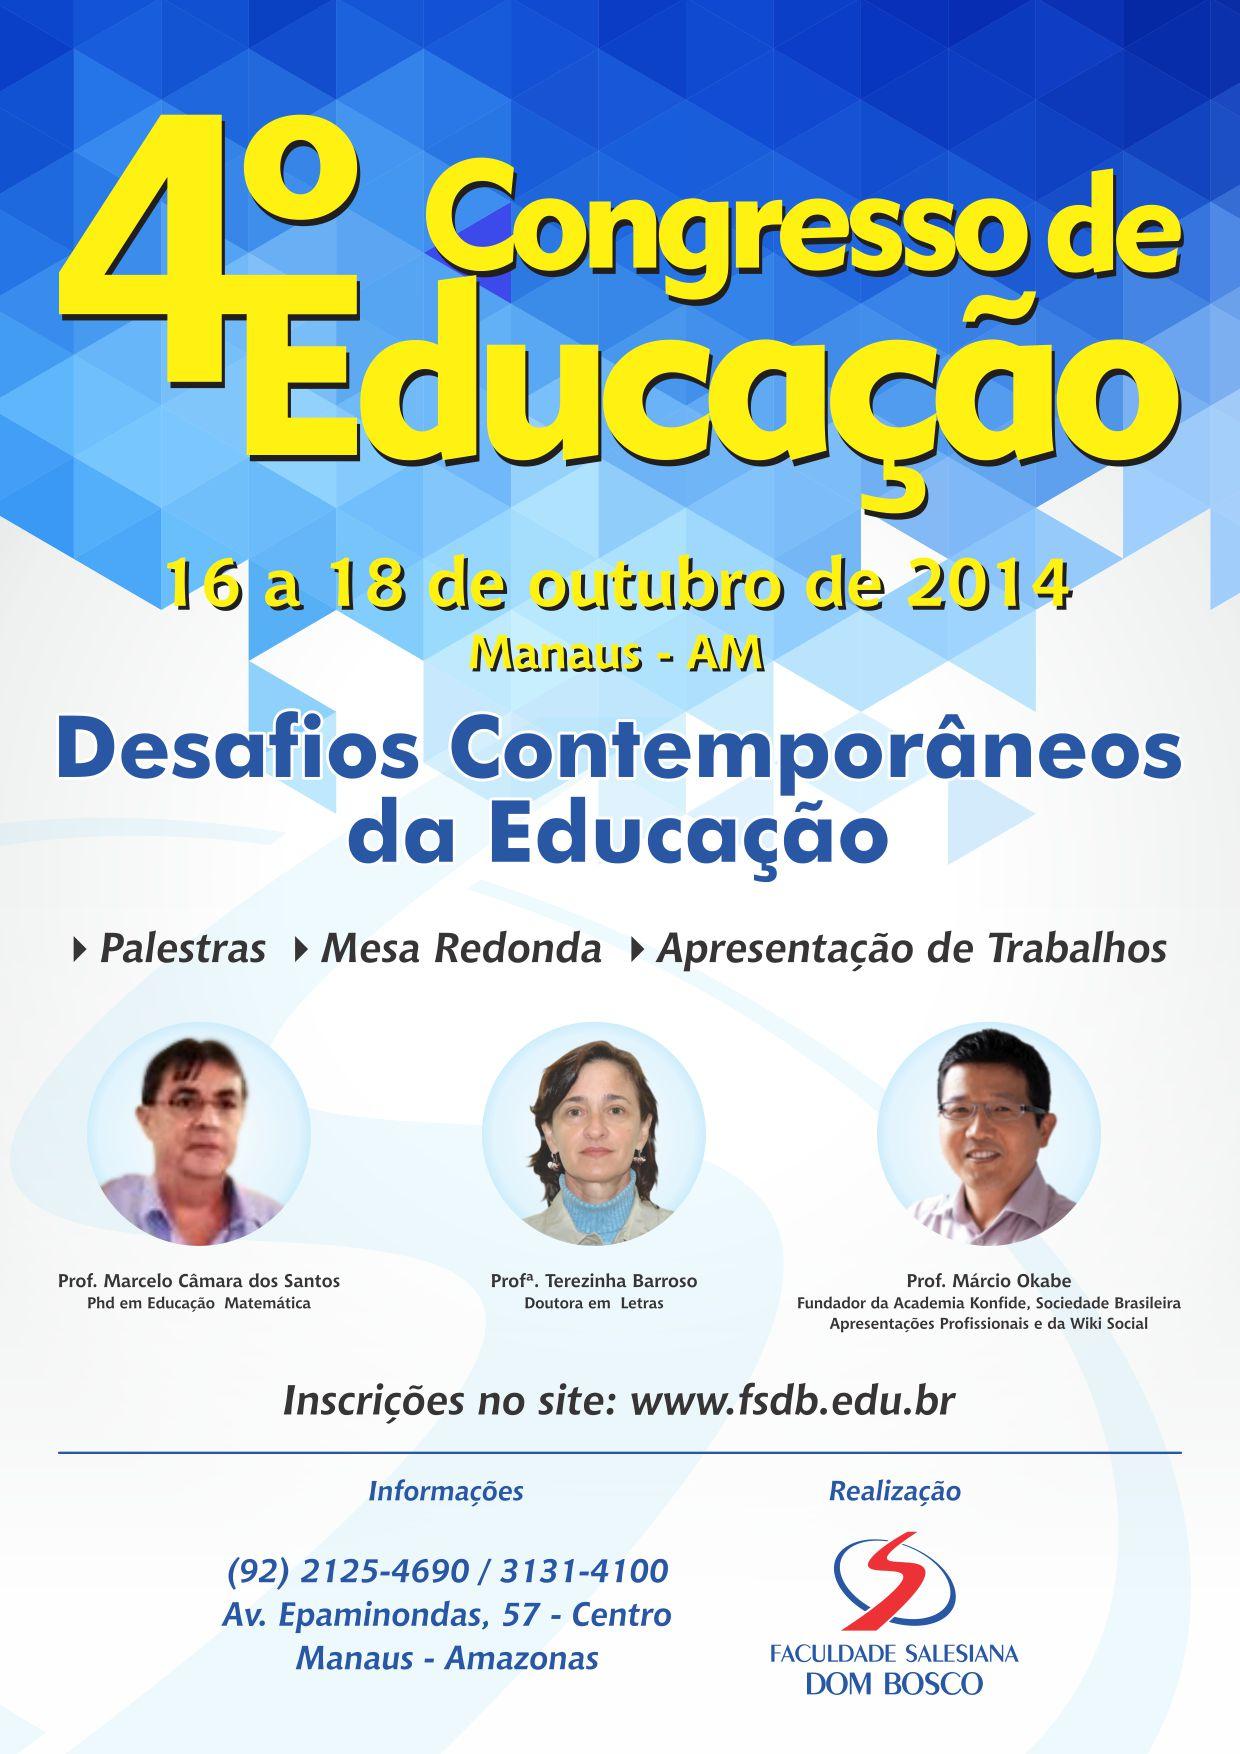 Postagem_facebook_iv_congresso_de_educacao_da_fsdb